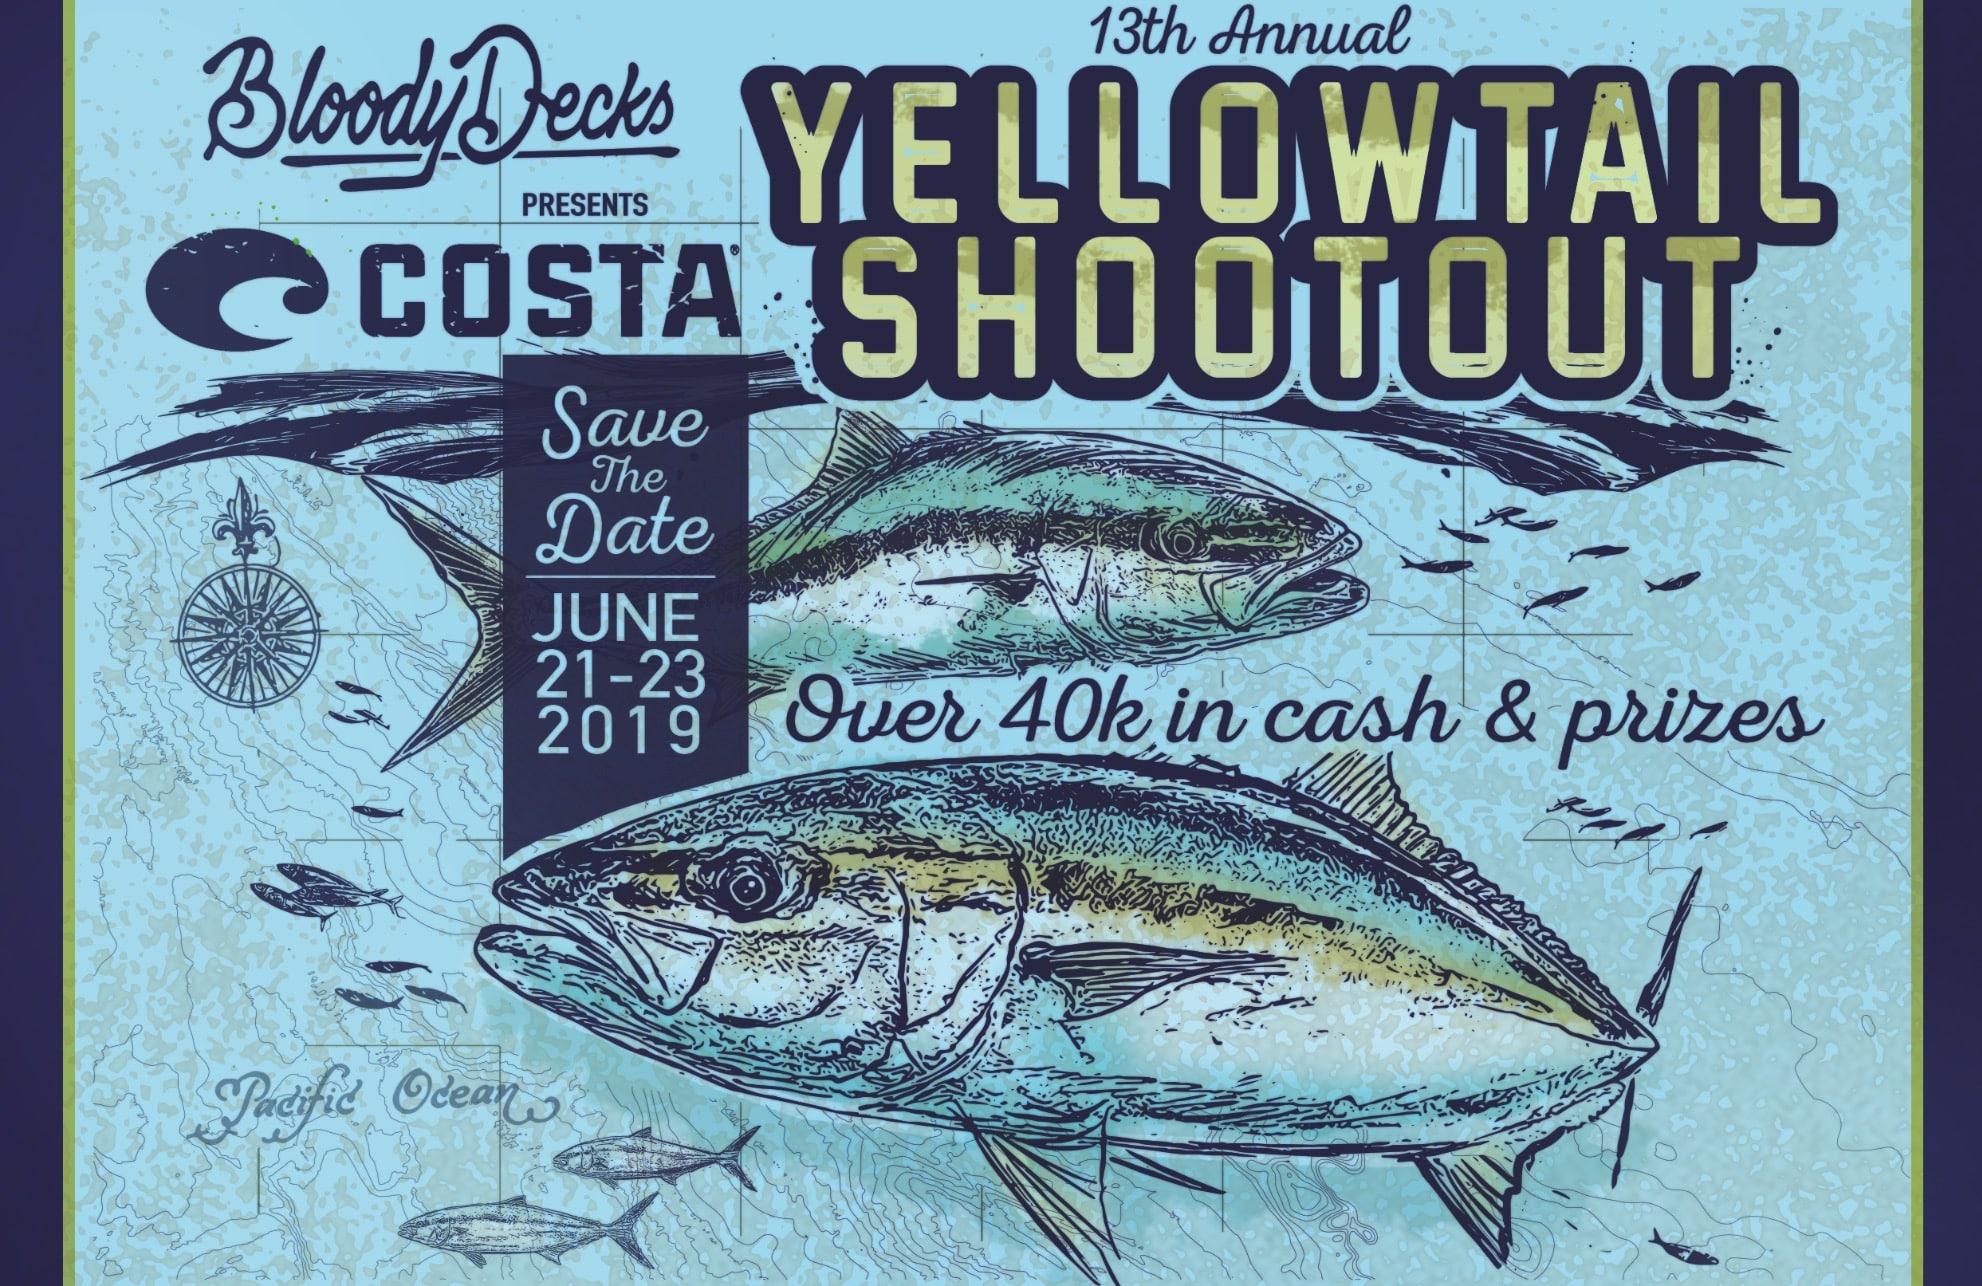 2019 Yellowtail Shootout Tournament